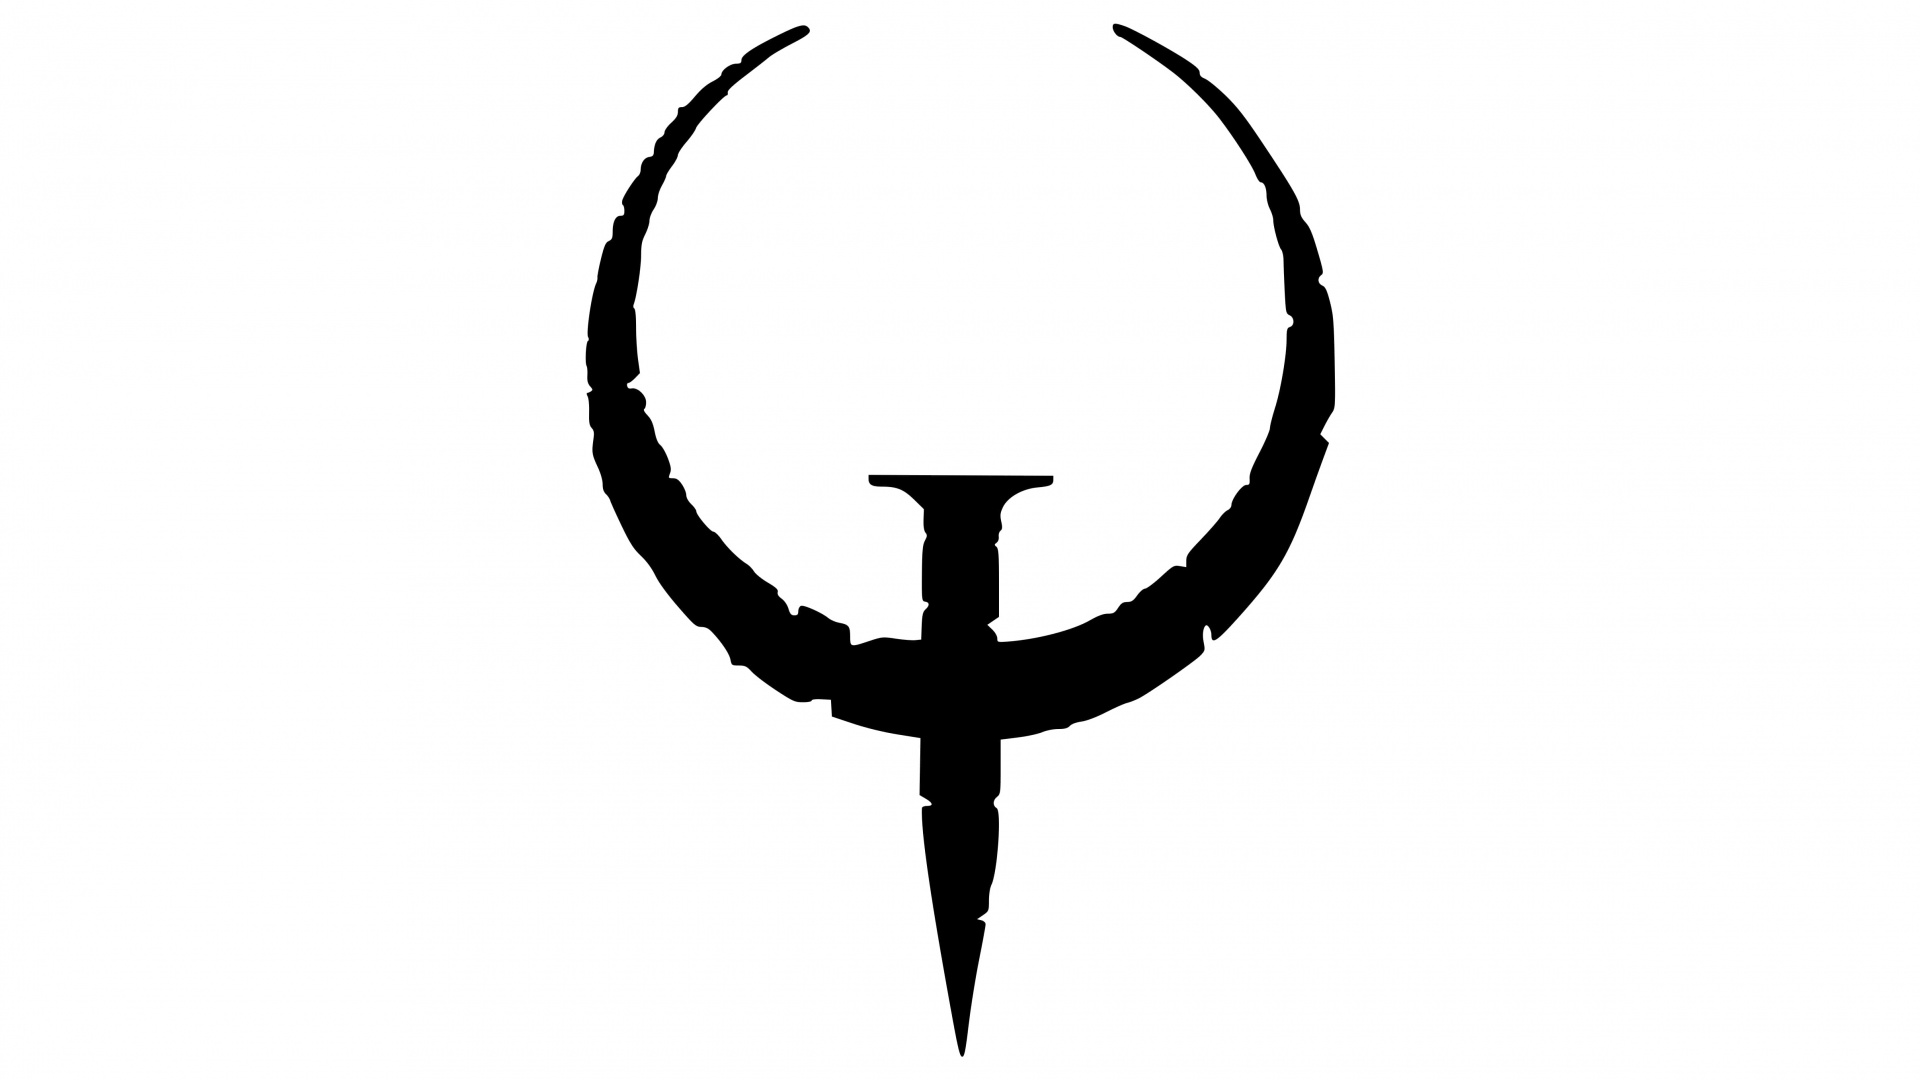 История Quake. К 25-летию легендарной серии шутеров